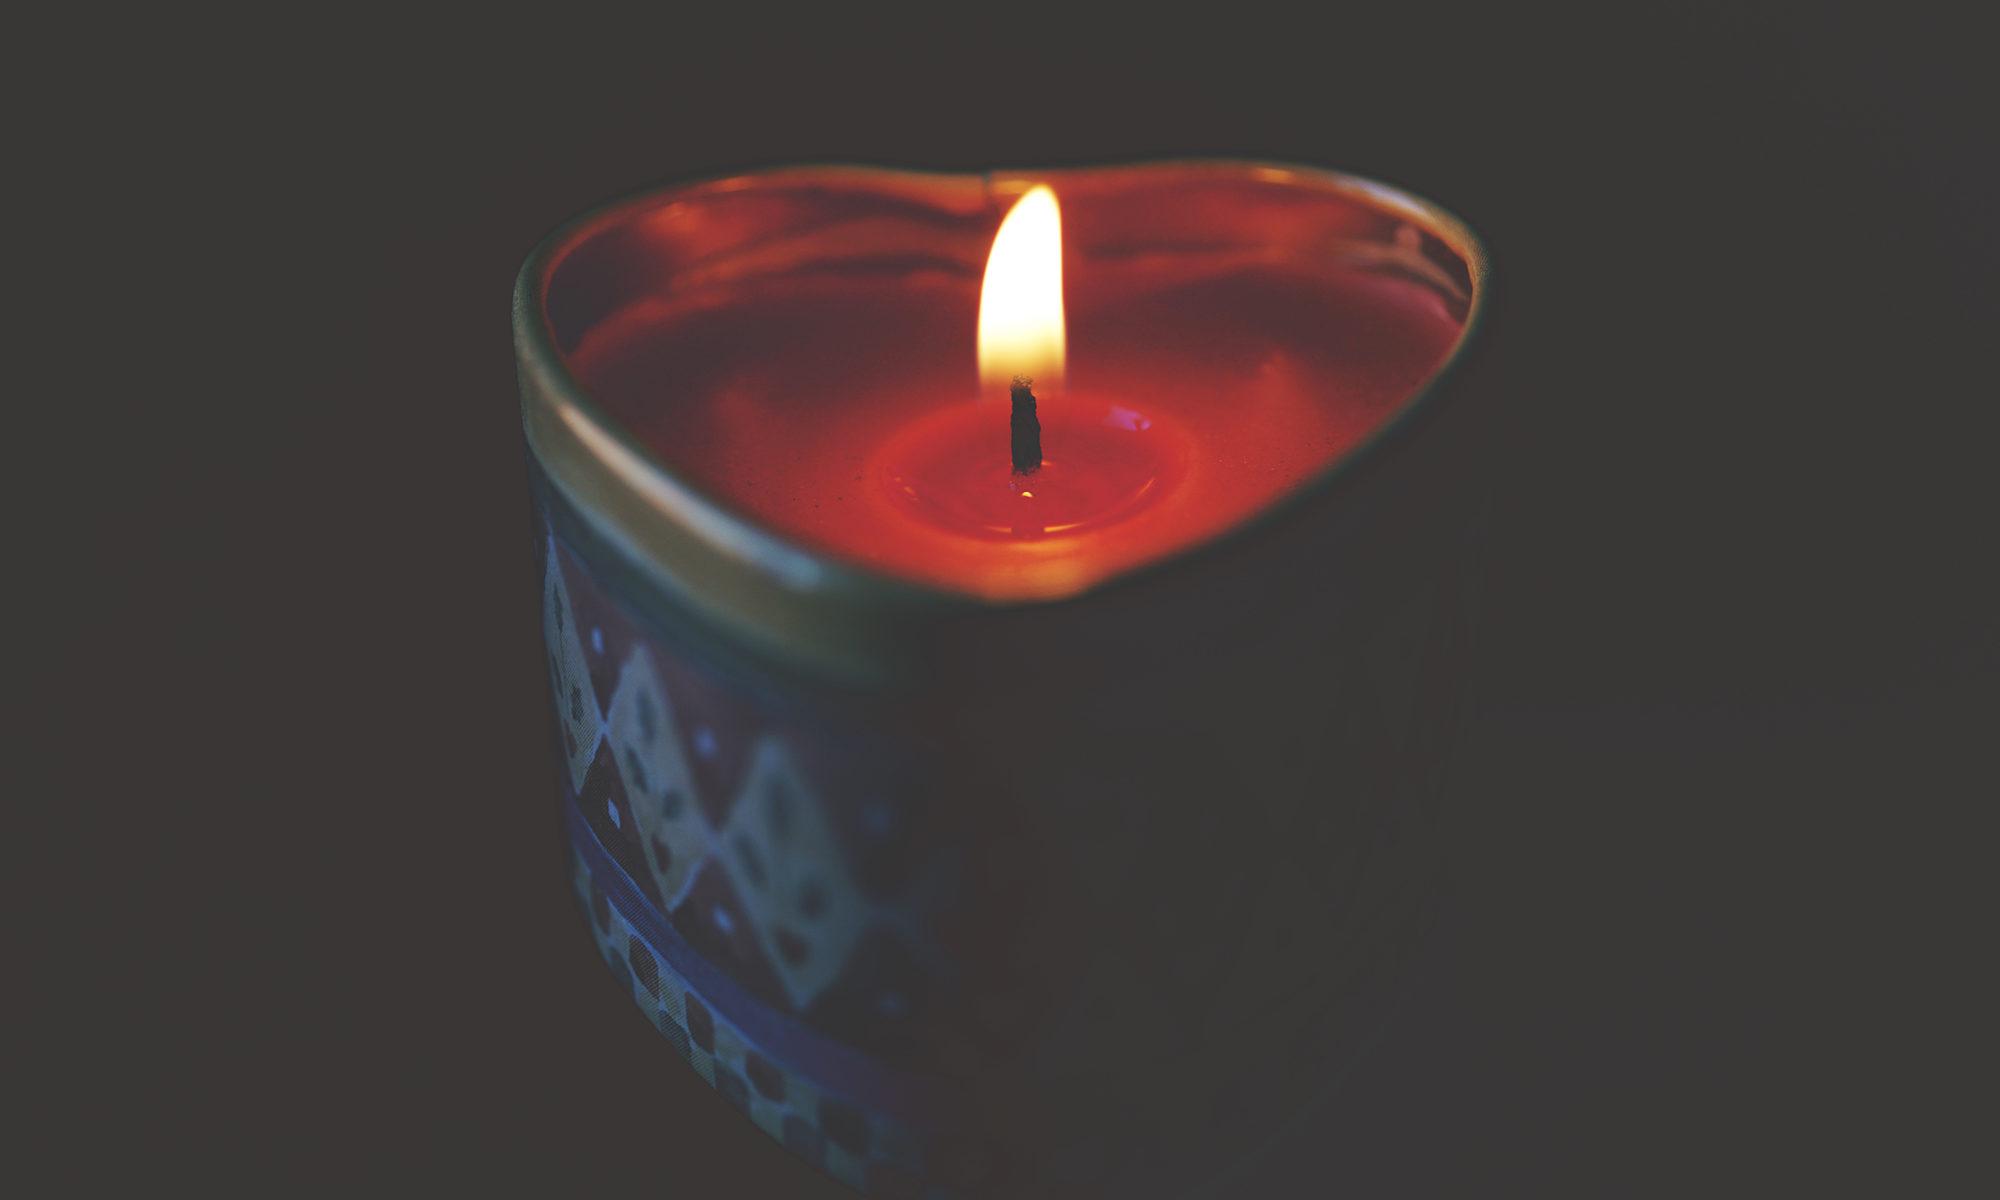 amore - fiamma - candela - cuore